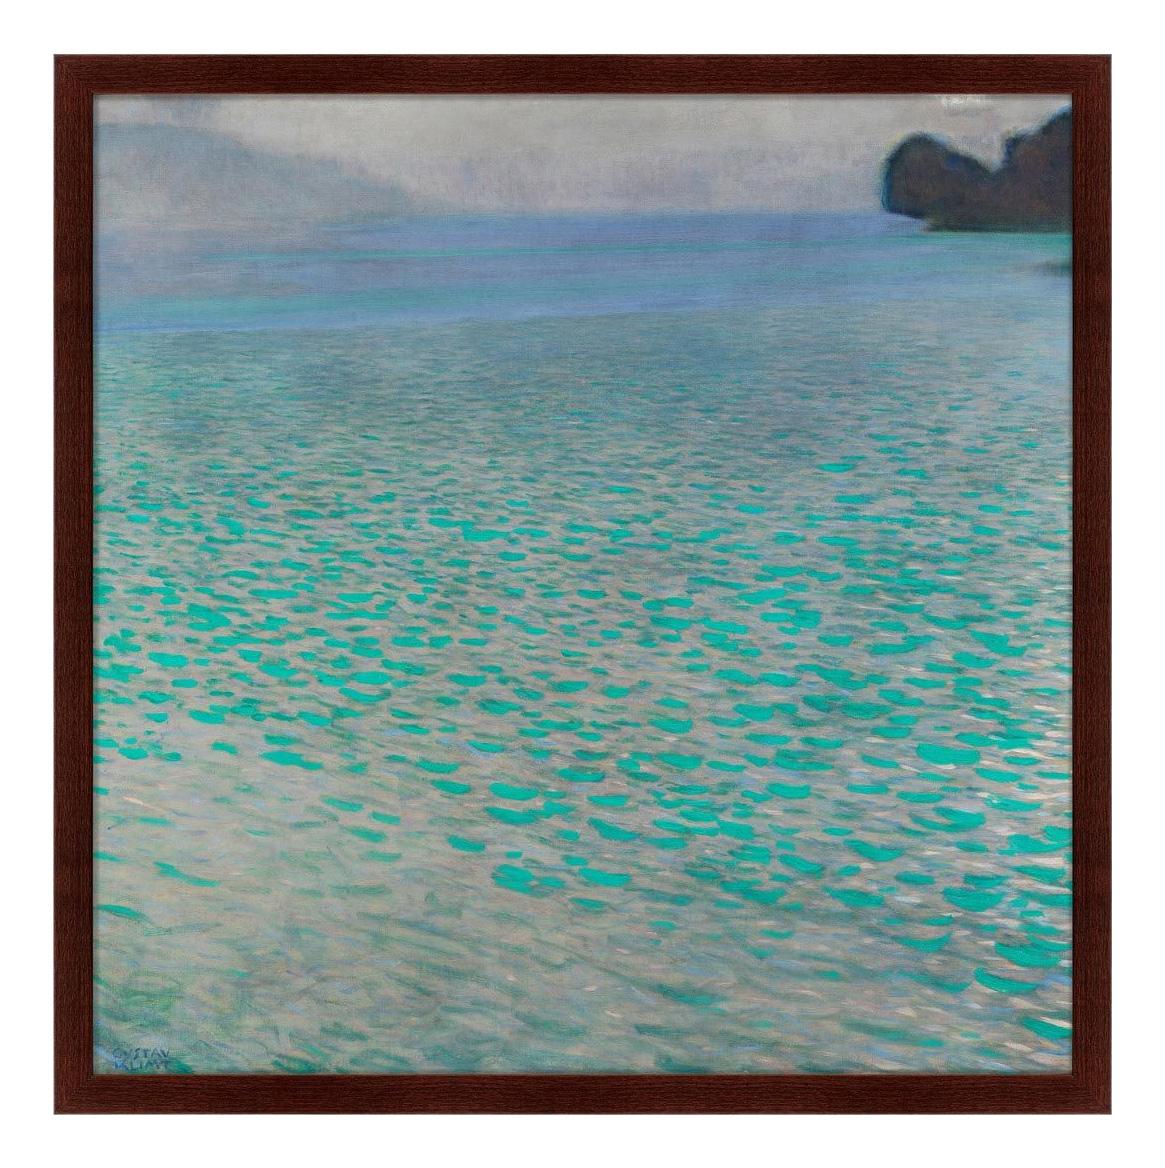 Картина Картины в Квартиру Attersee 79 х 79 см attersee 79 х 79 см по цене 11 999